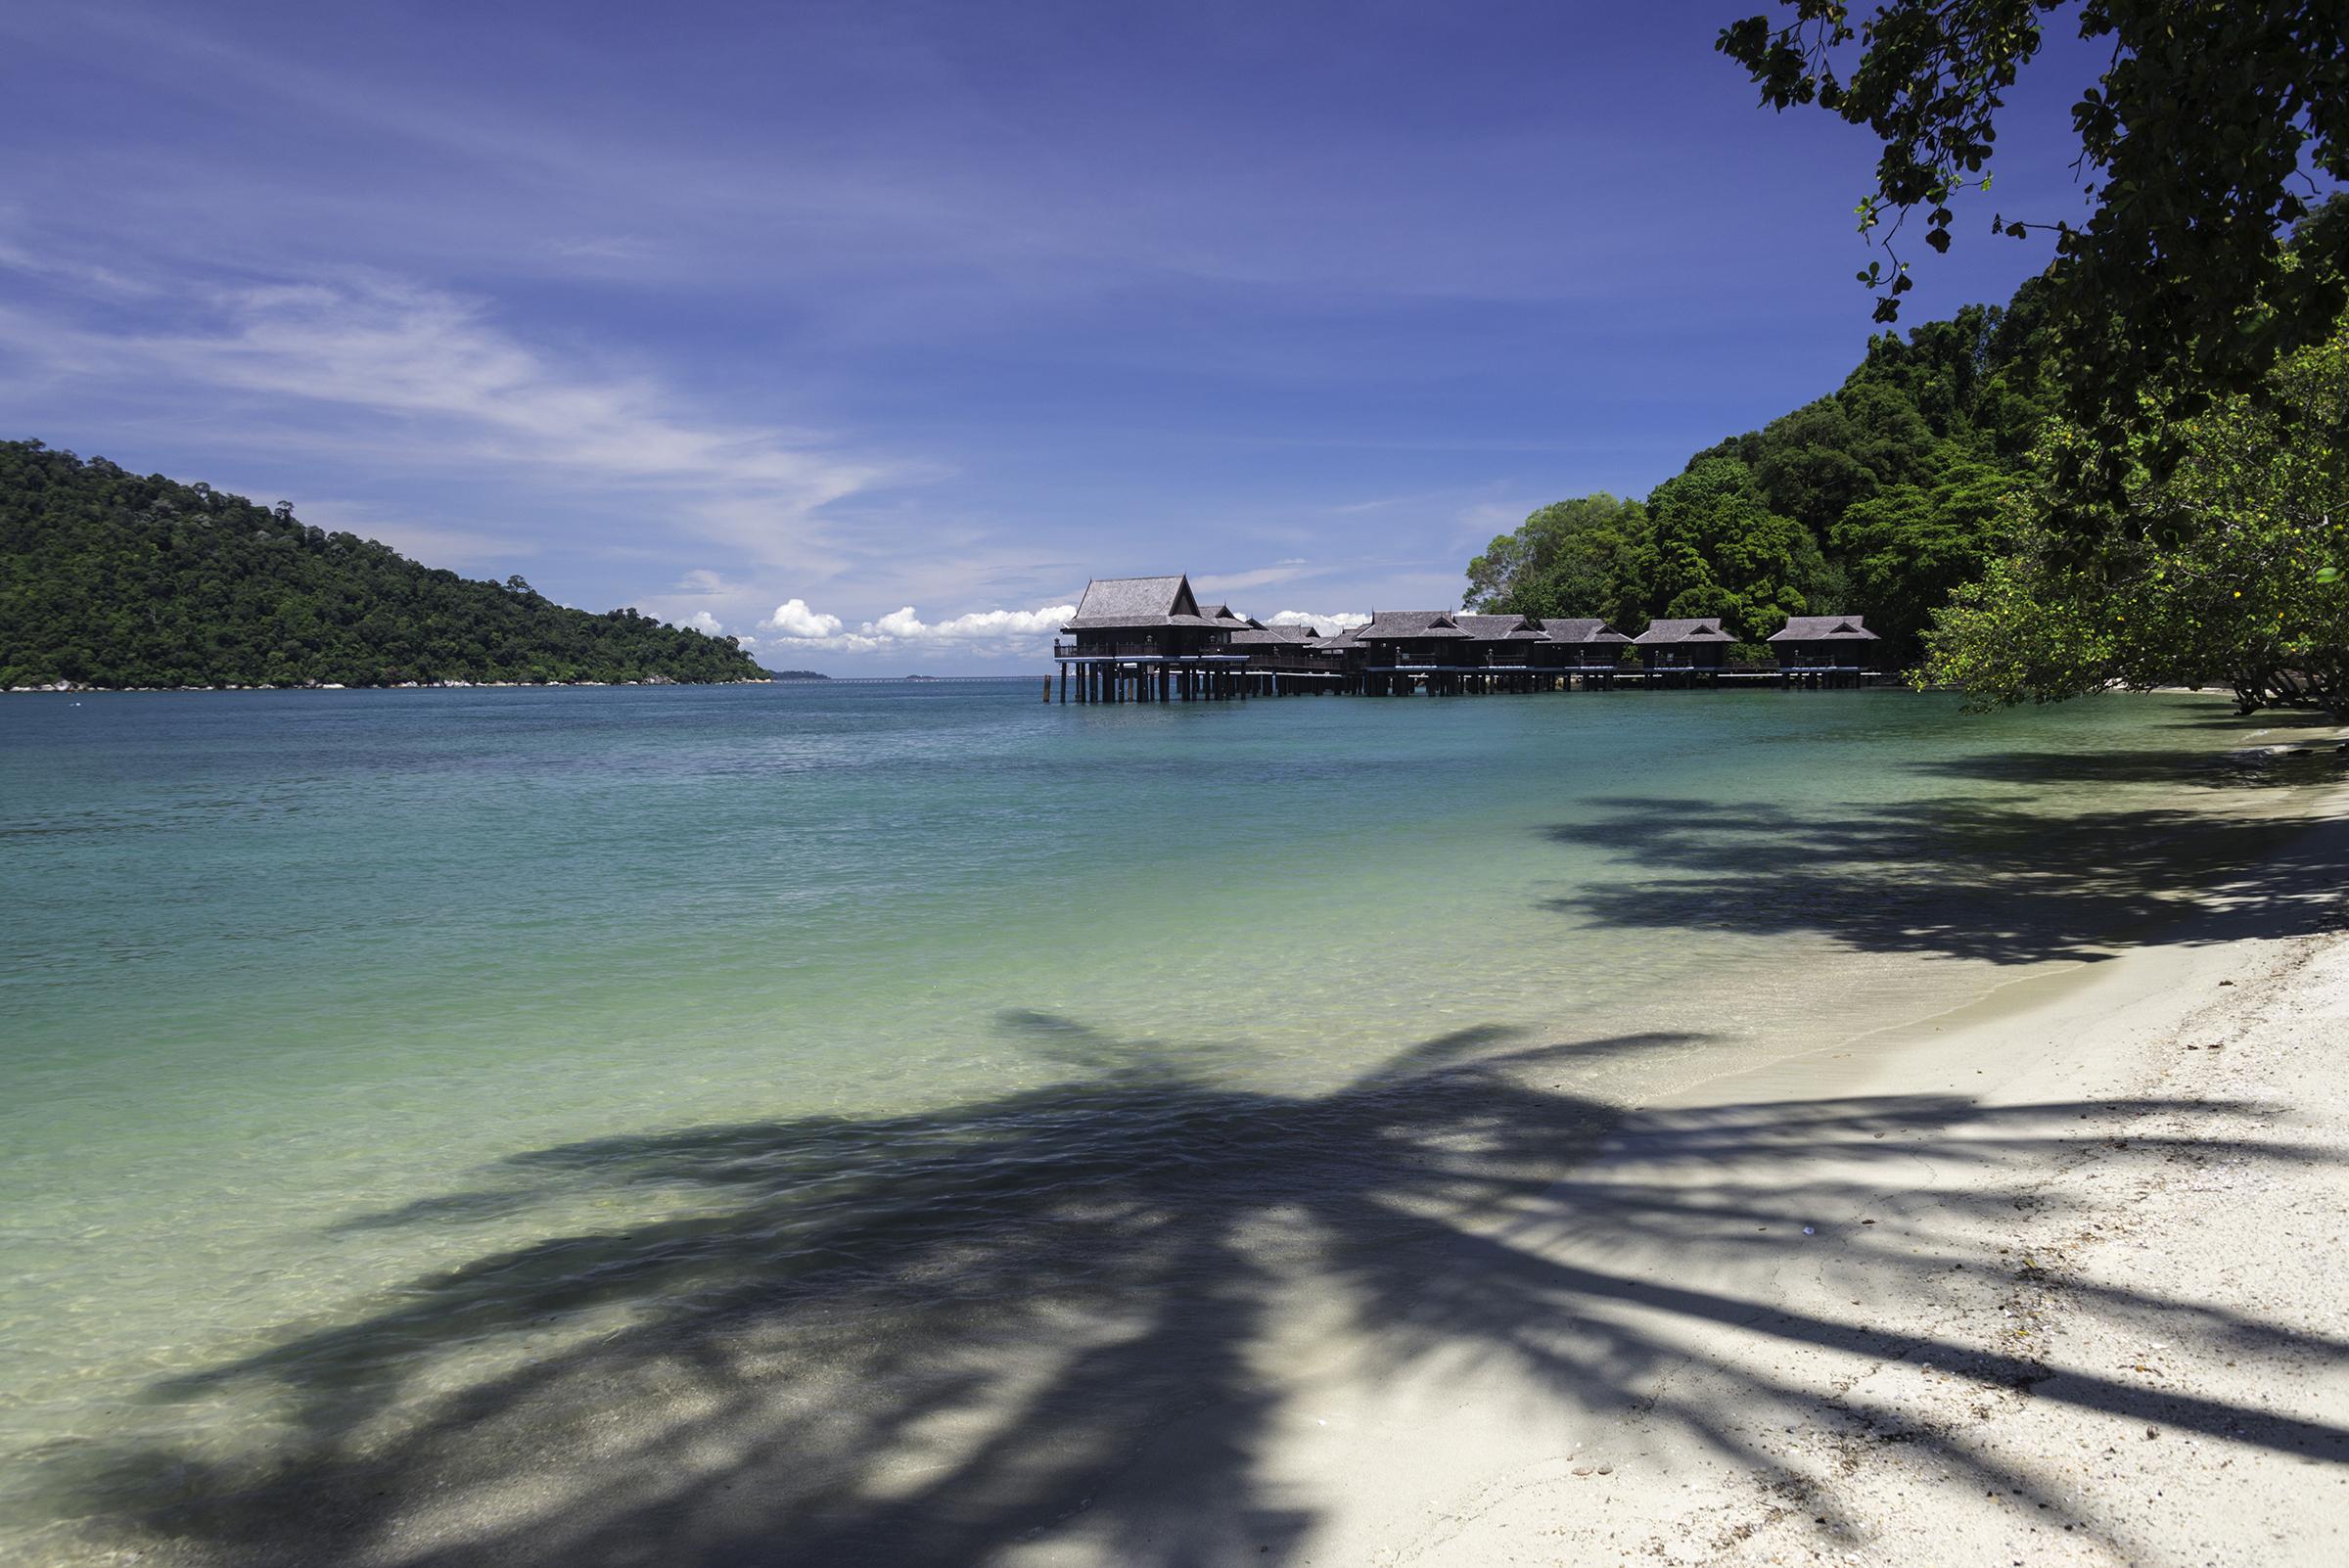 Il meglio per il benessere Pangkor Laut Island Malesia